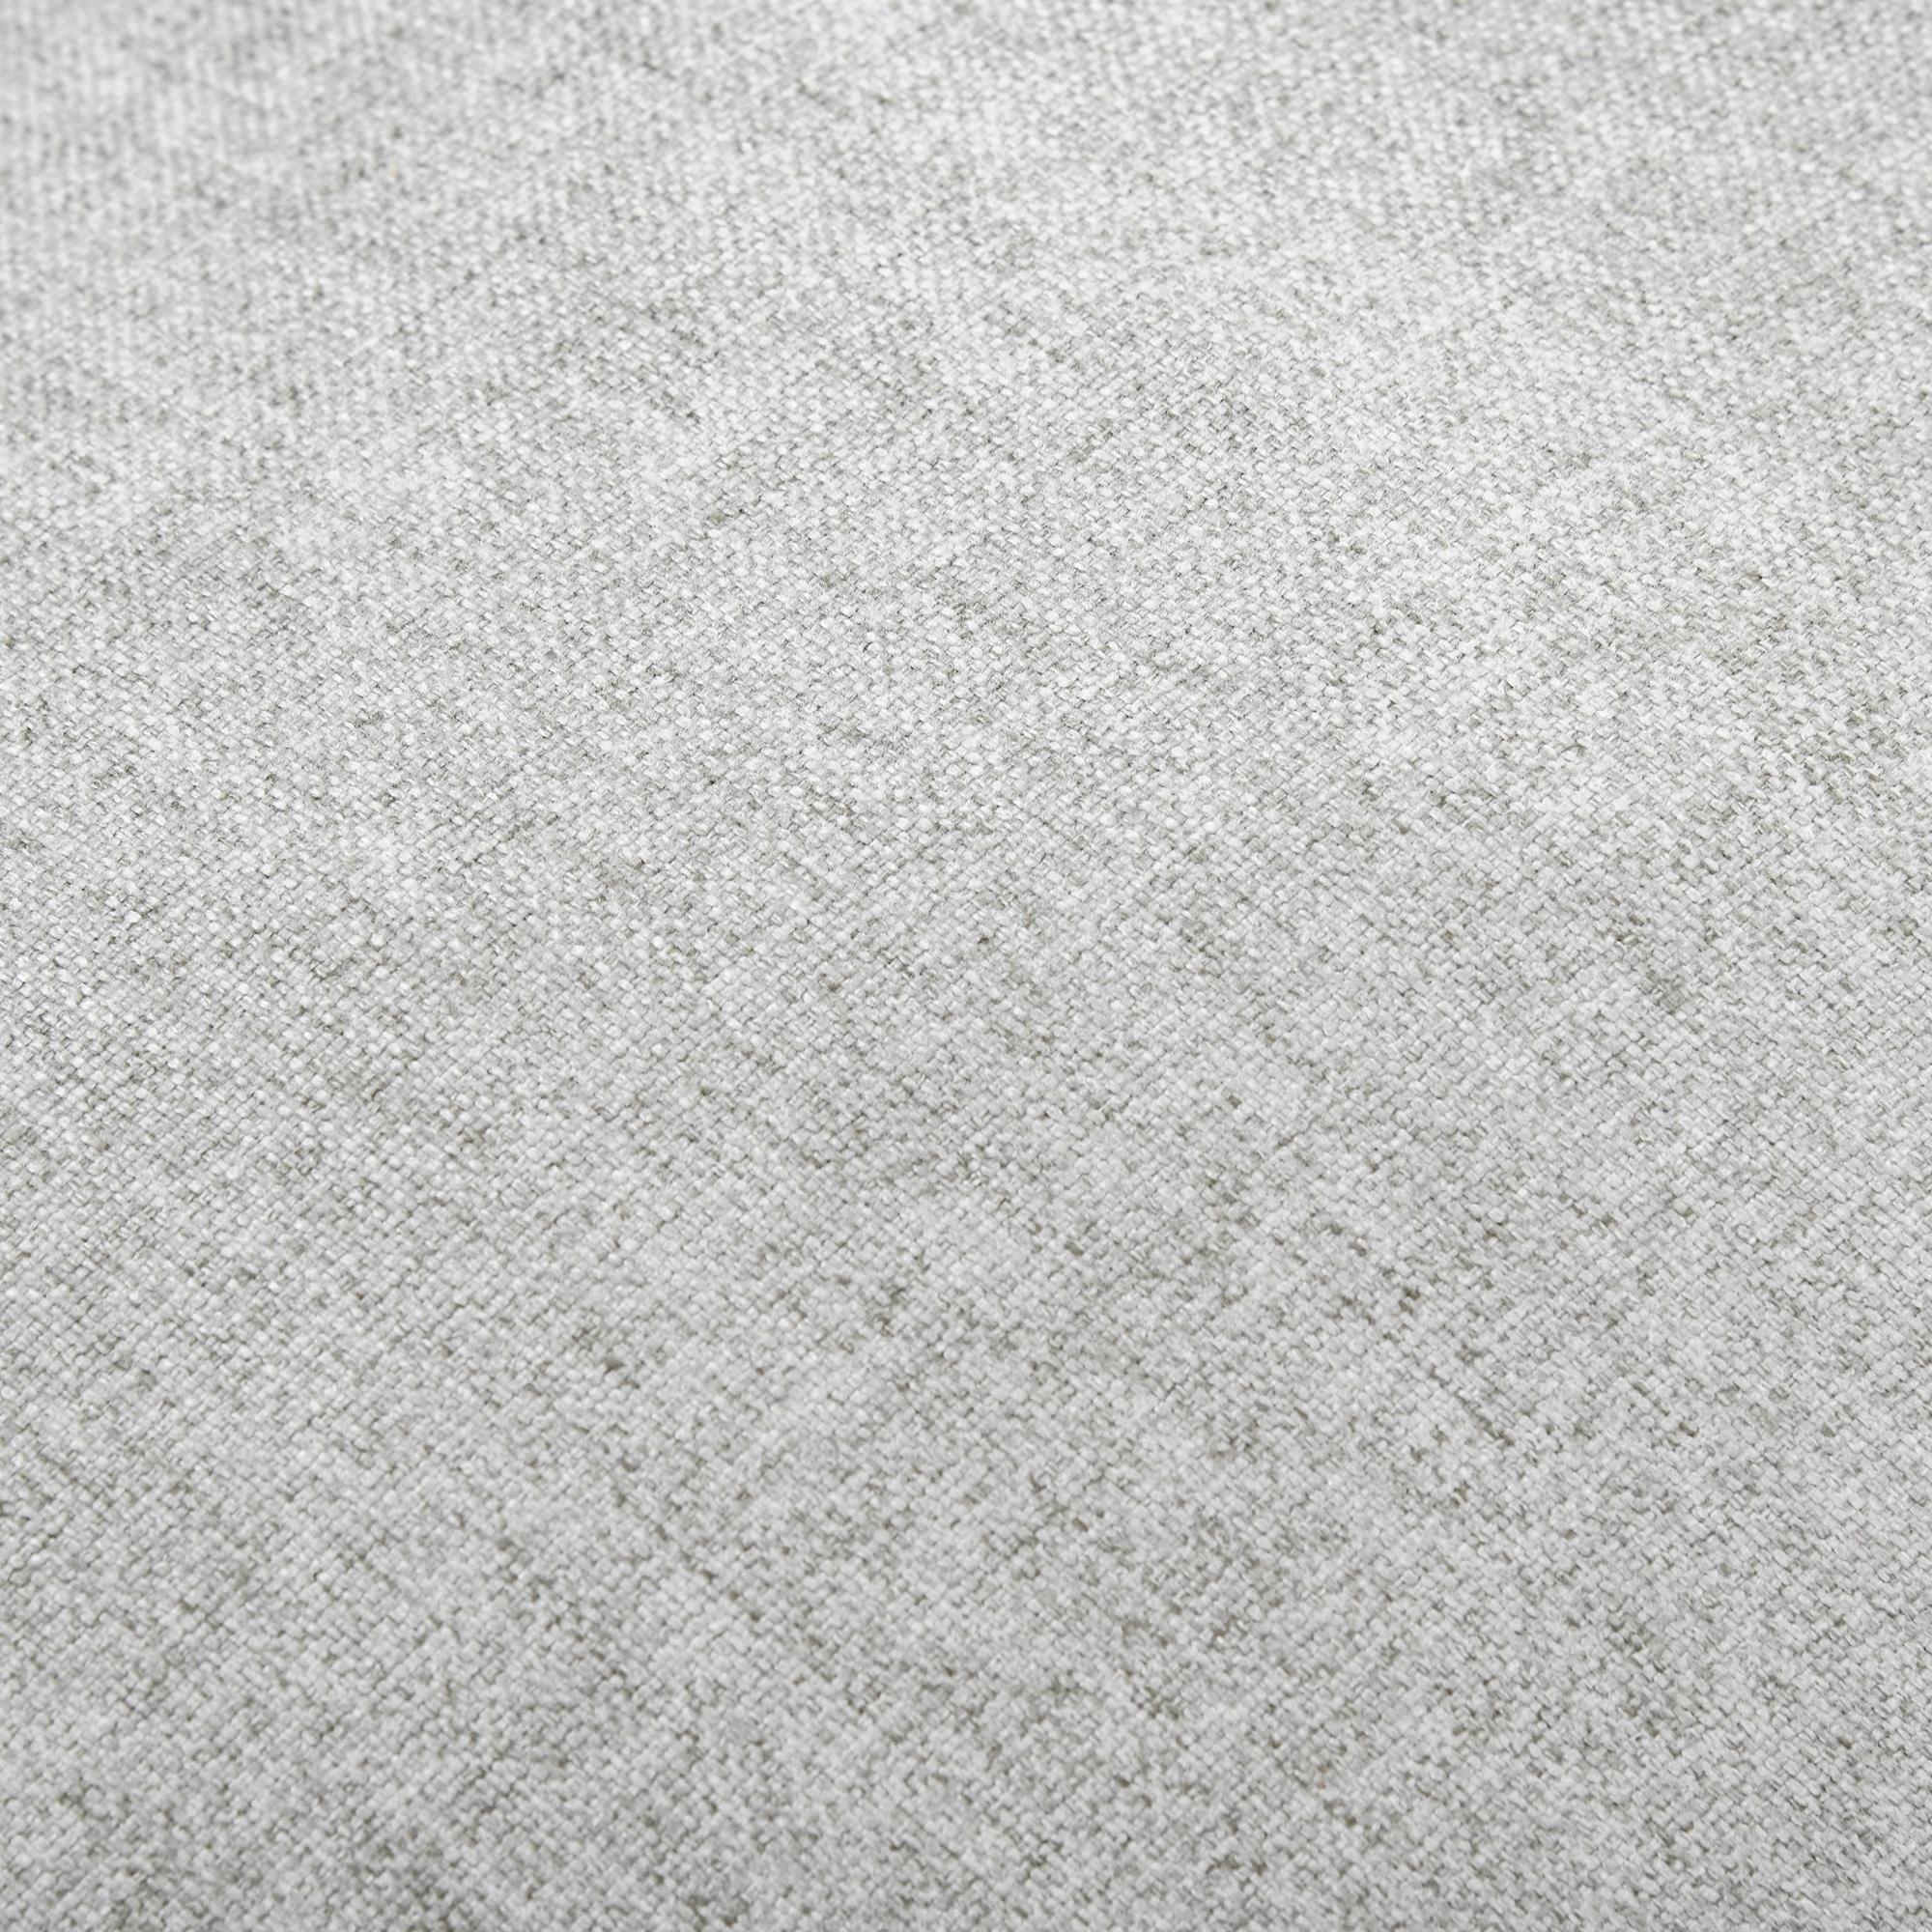 Indexbild 17 - Sitzsack Sitzkissen gepolstert Polyester Schaumstoff 3 Farben